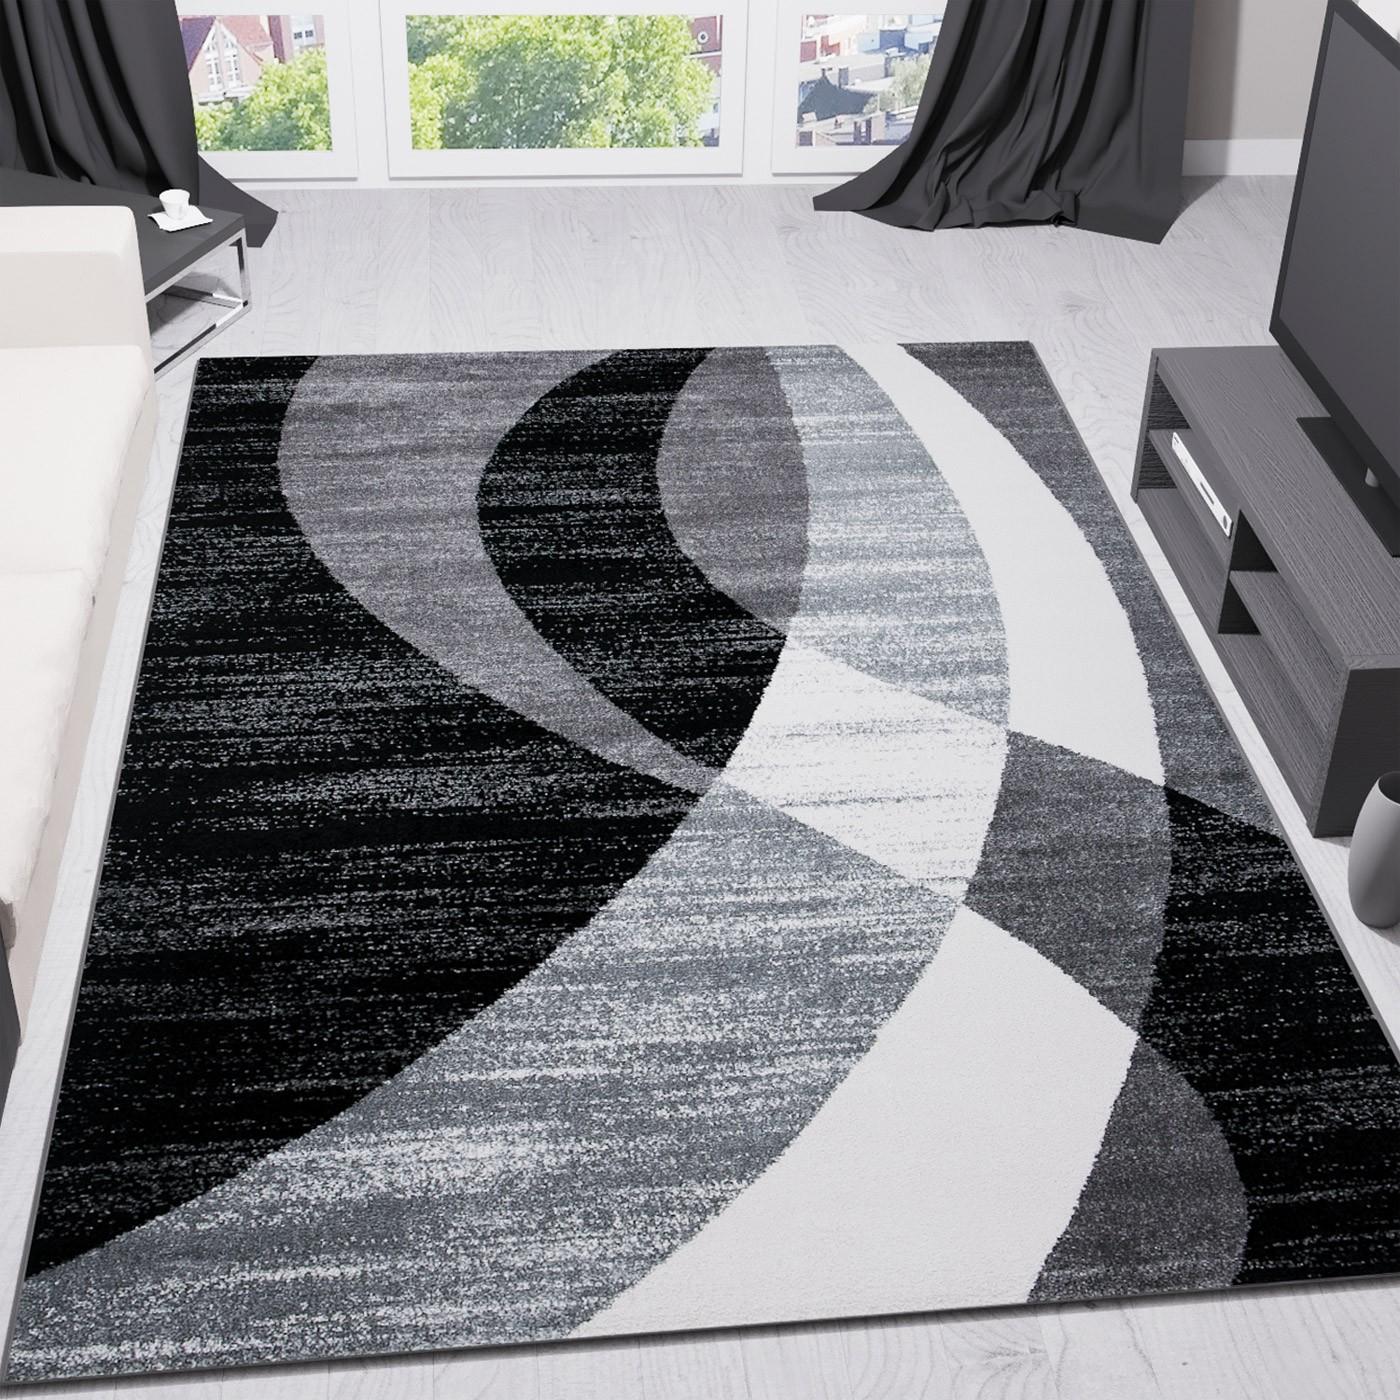 teppich modern design schwarz grau wei kurzflor geschwungene streifen top preis ebay. Black Bedroom Furniture Sets. Home Design Ideas